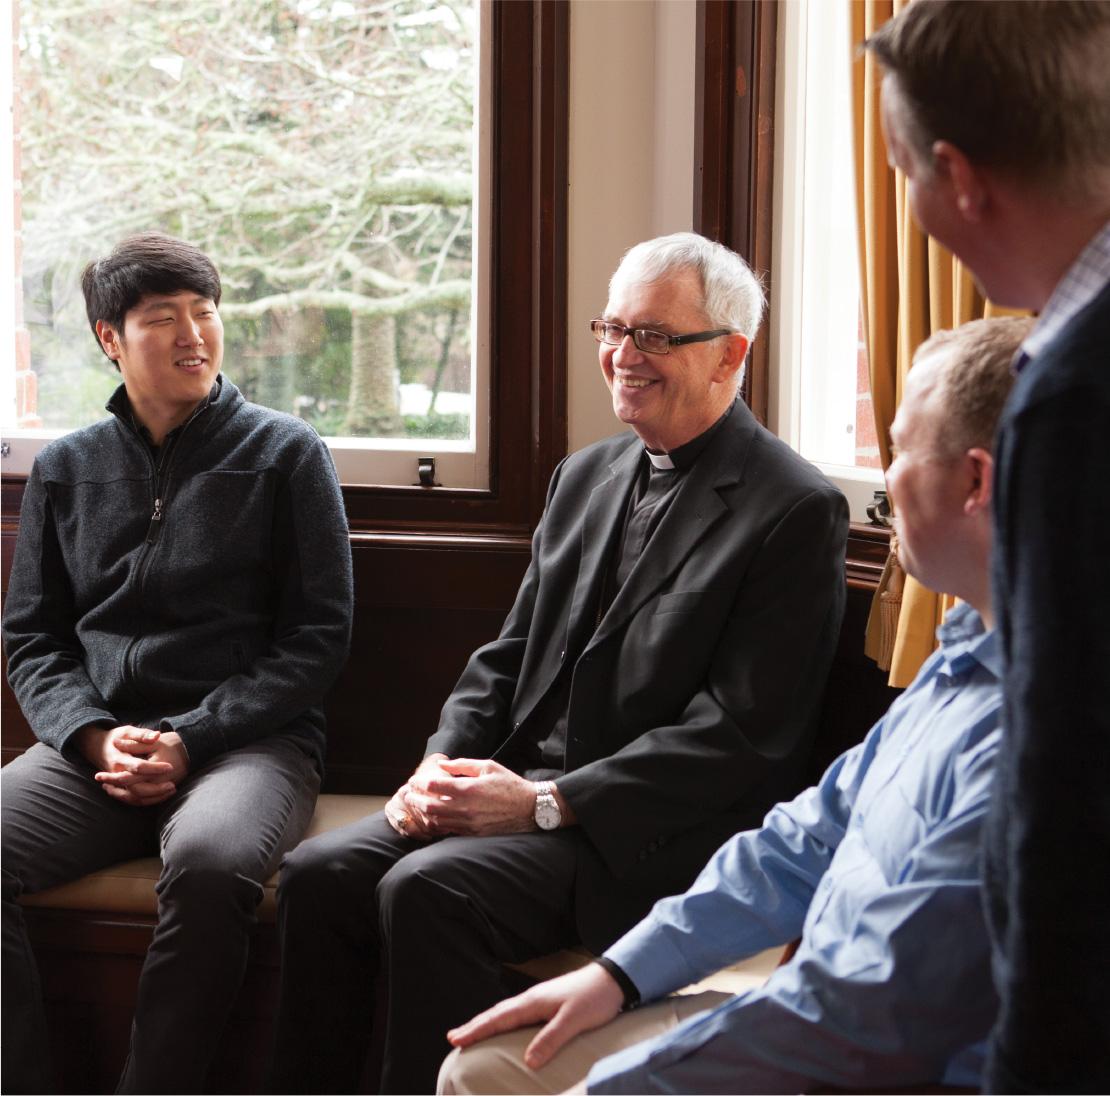 diocesan-priesthood-3.jpg